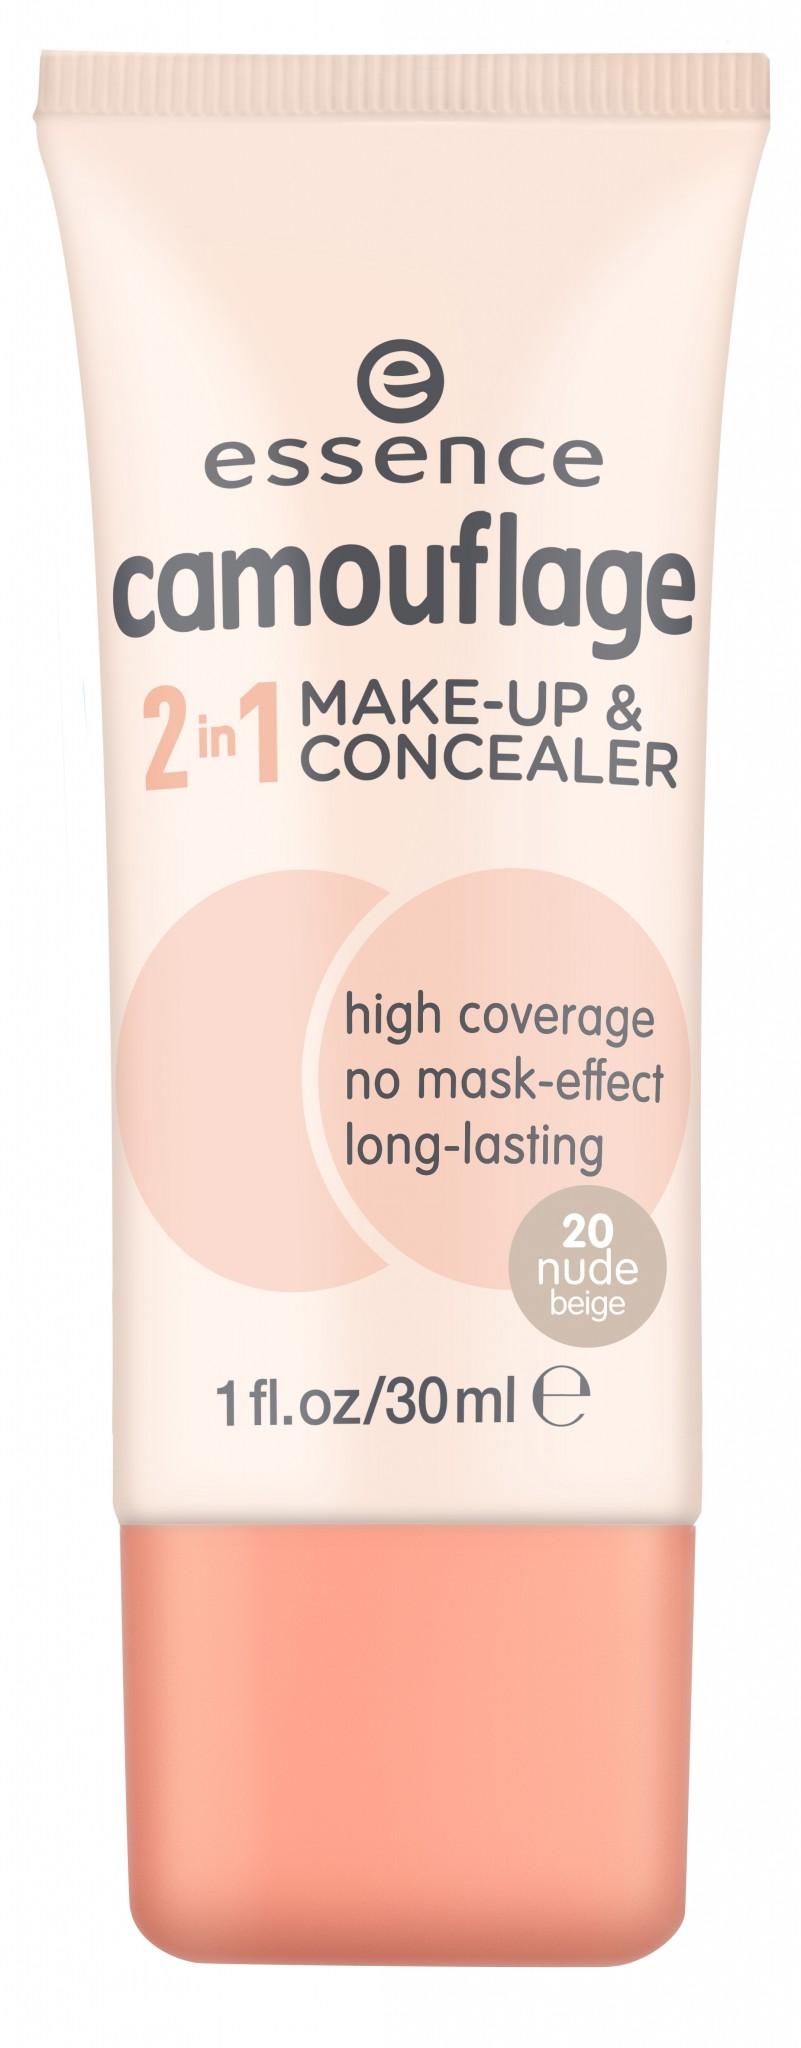 ess_Camouflage_2in1_Make-up_Concealer20